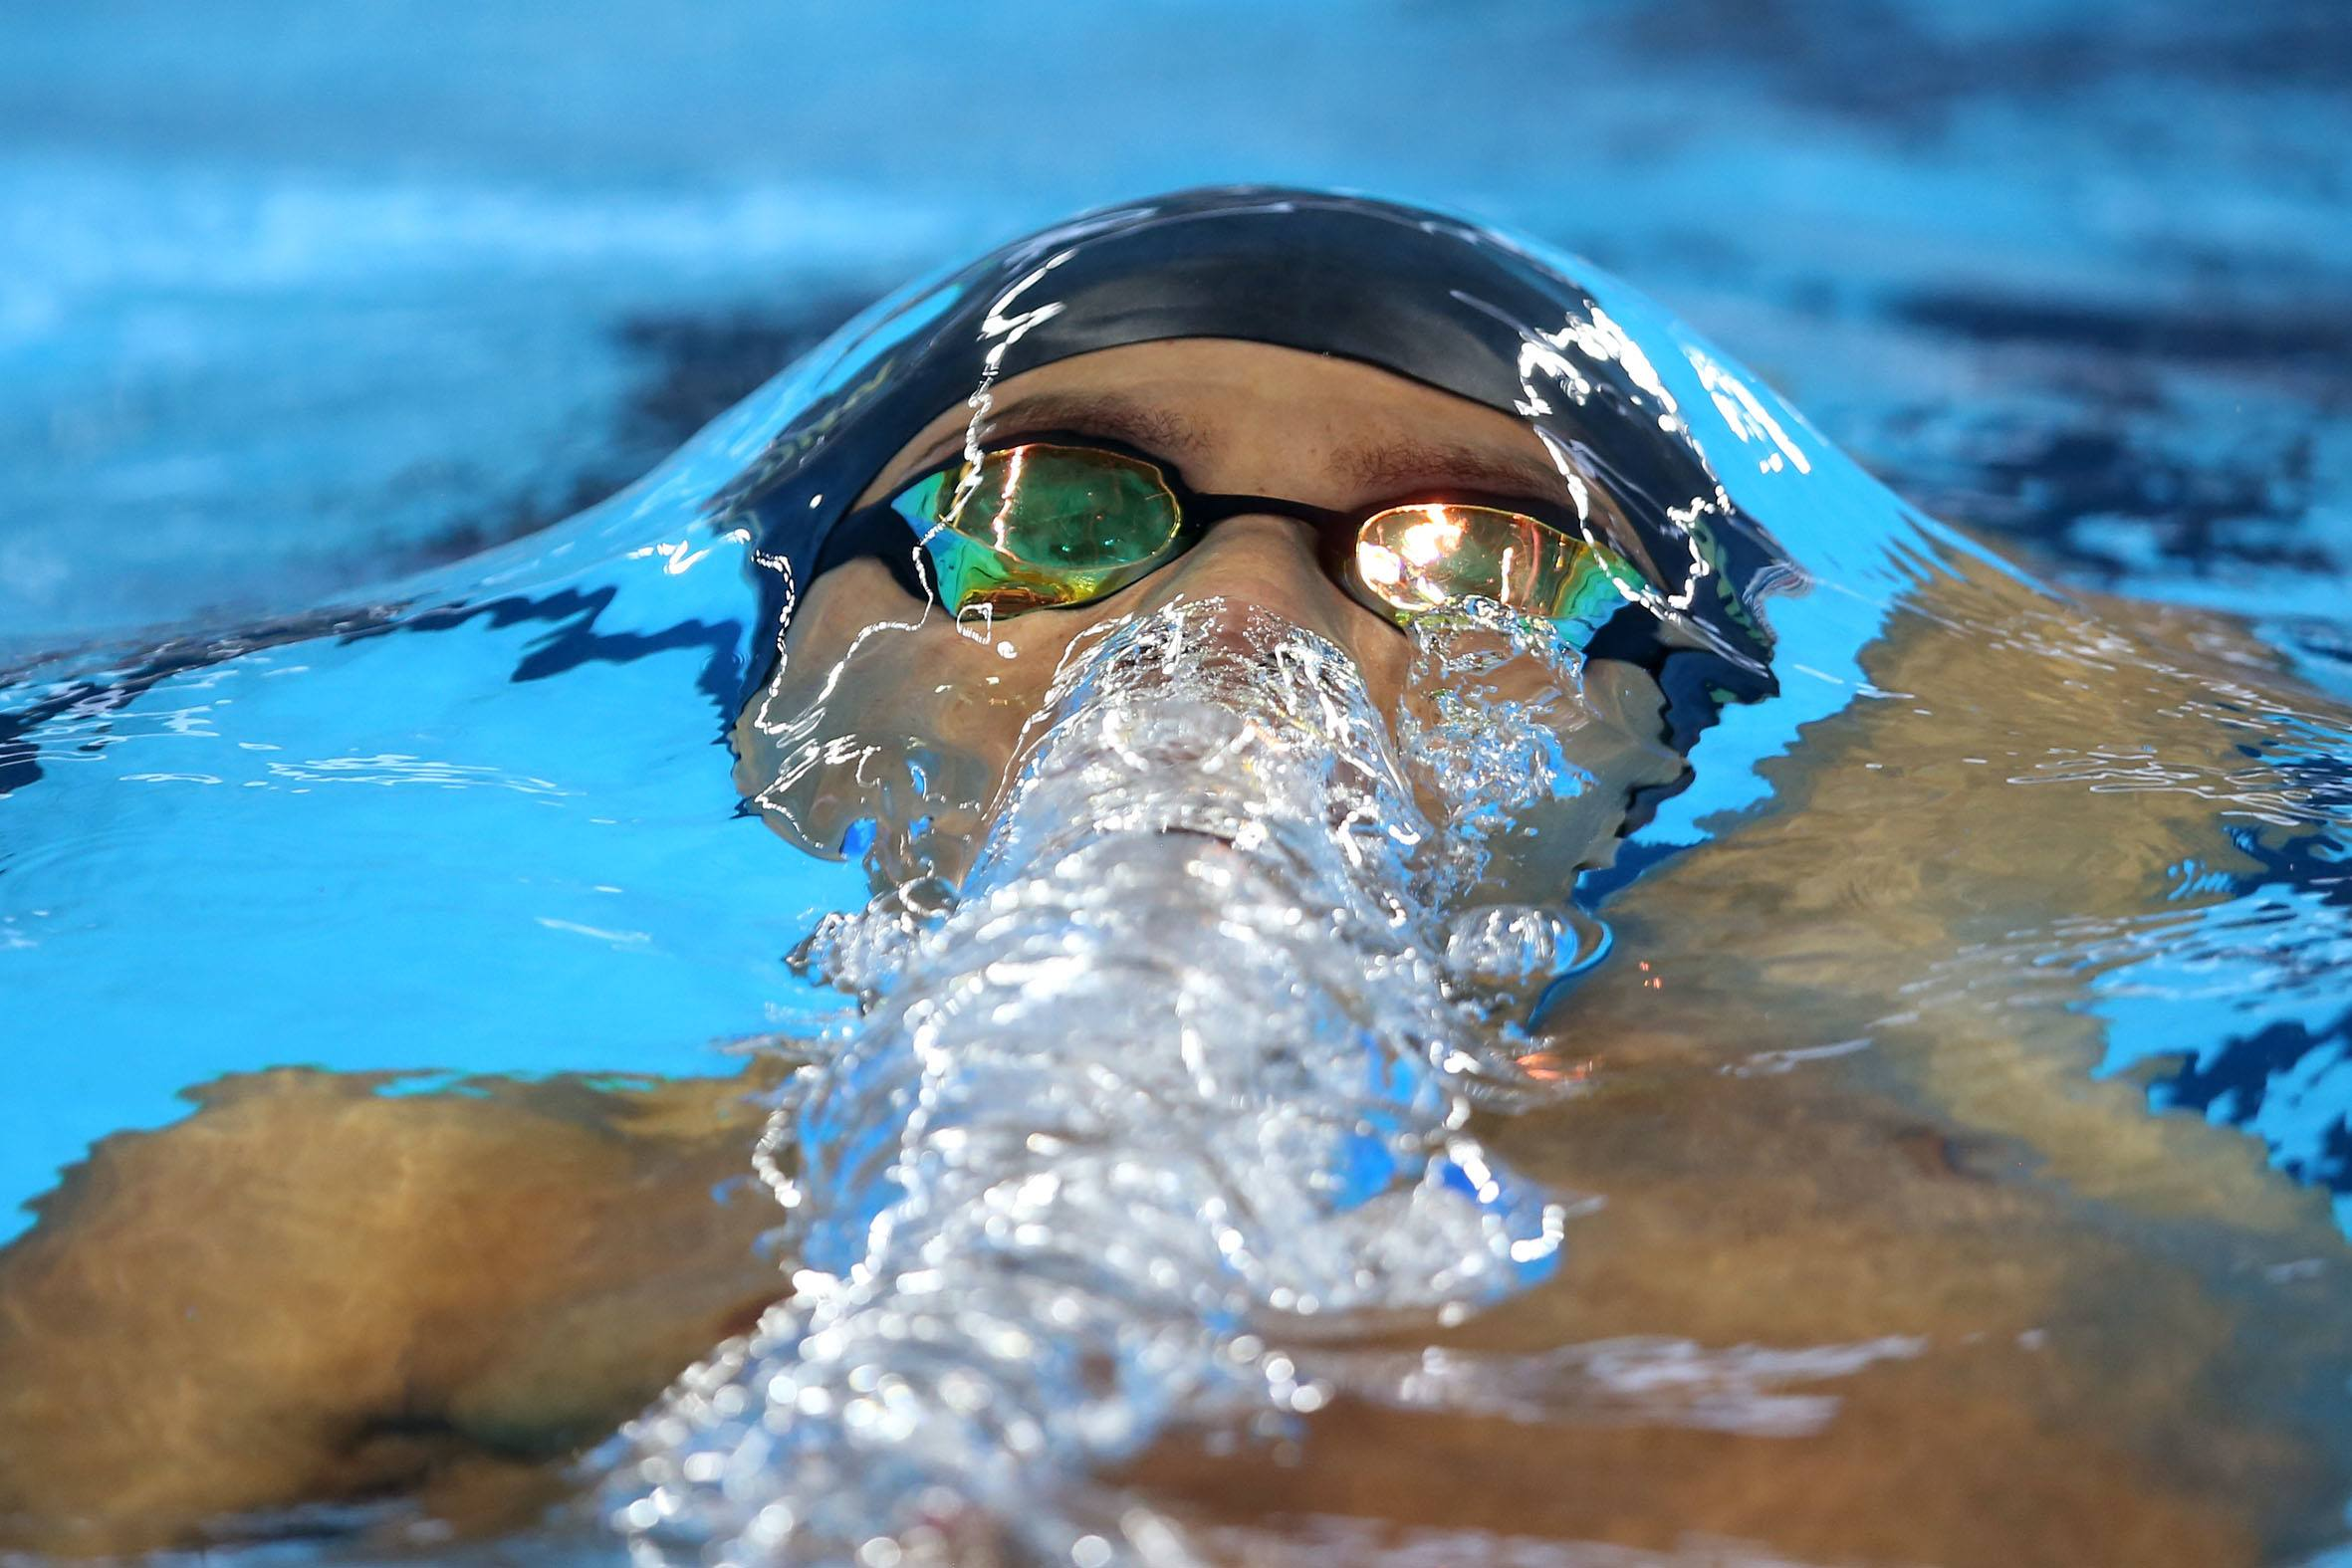 Brandonn Almeida. Trofeu Maria Lenk de Natacao, realizado no Centro Aquatico Olimpico. 15 de abril de 2016, Rio de Janeiro, RJ, Brasil. Foto: Satiro Sodré/ SSPress